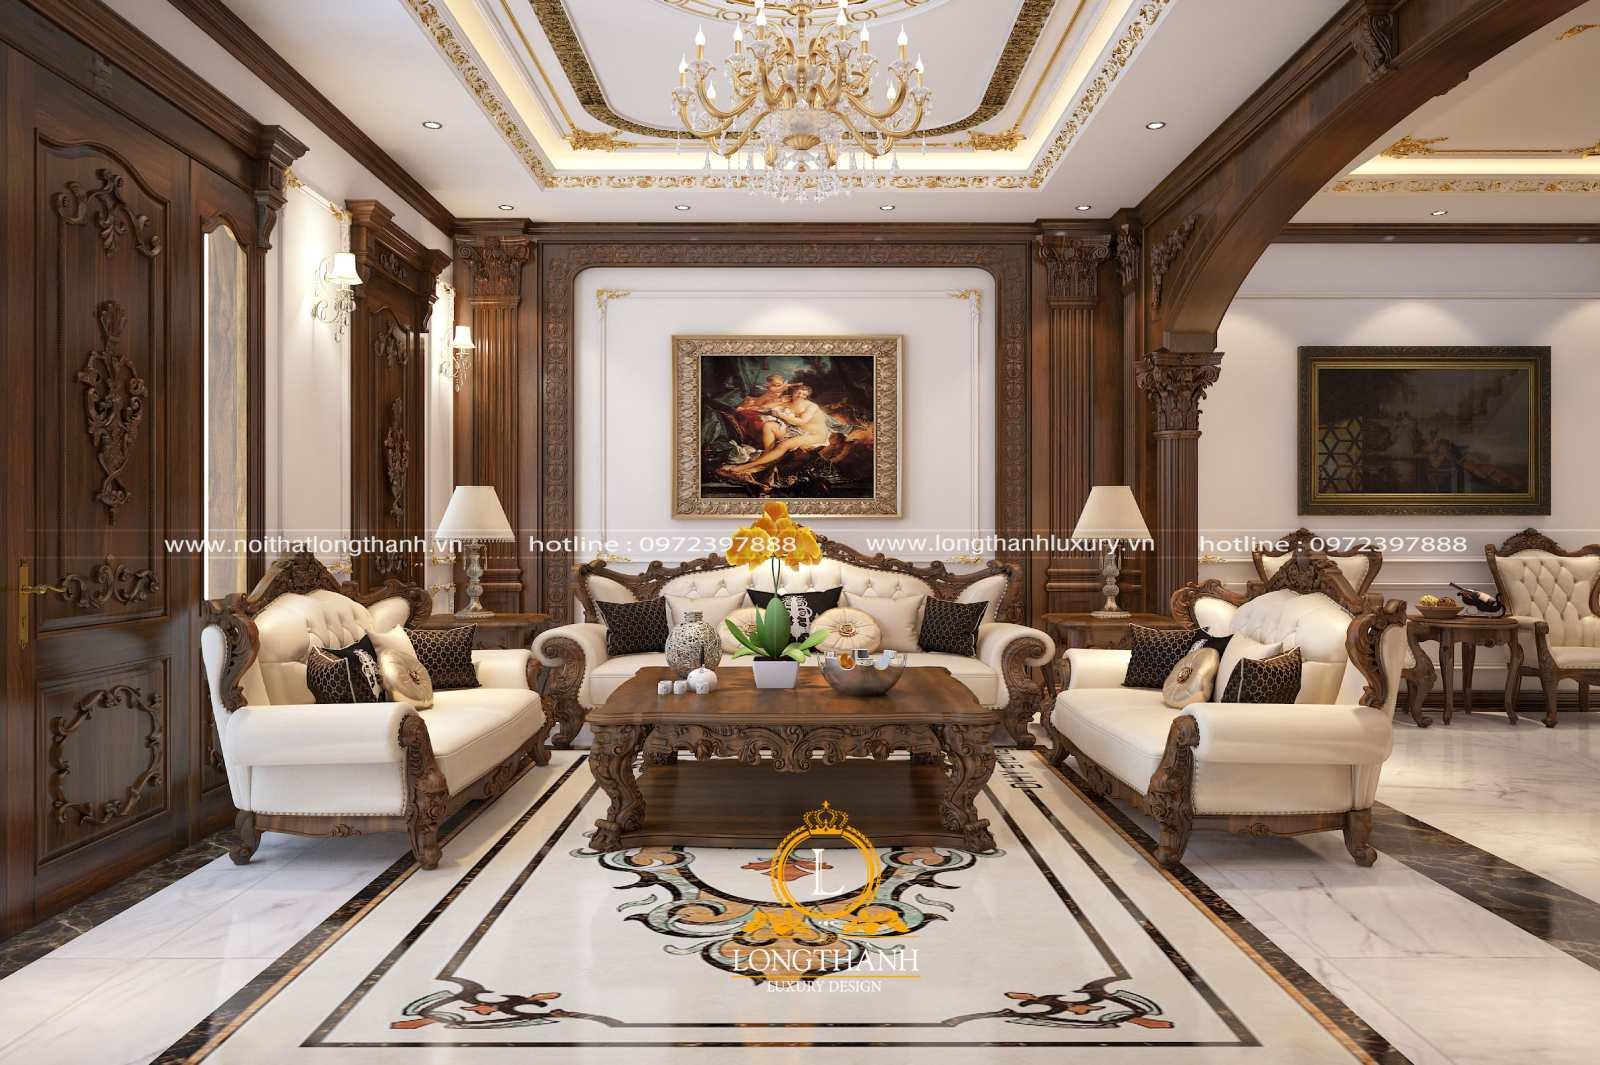 Nội thất phòng khách biệt thự thường sử dụng gỗ tự nhiên là chủ yếu